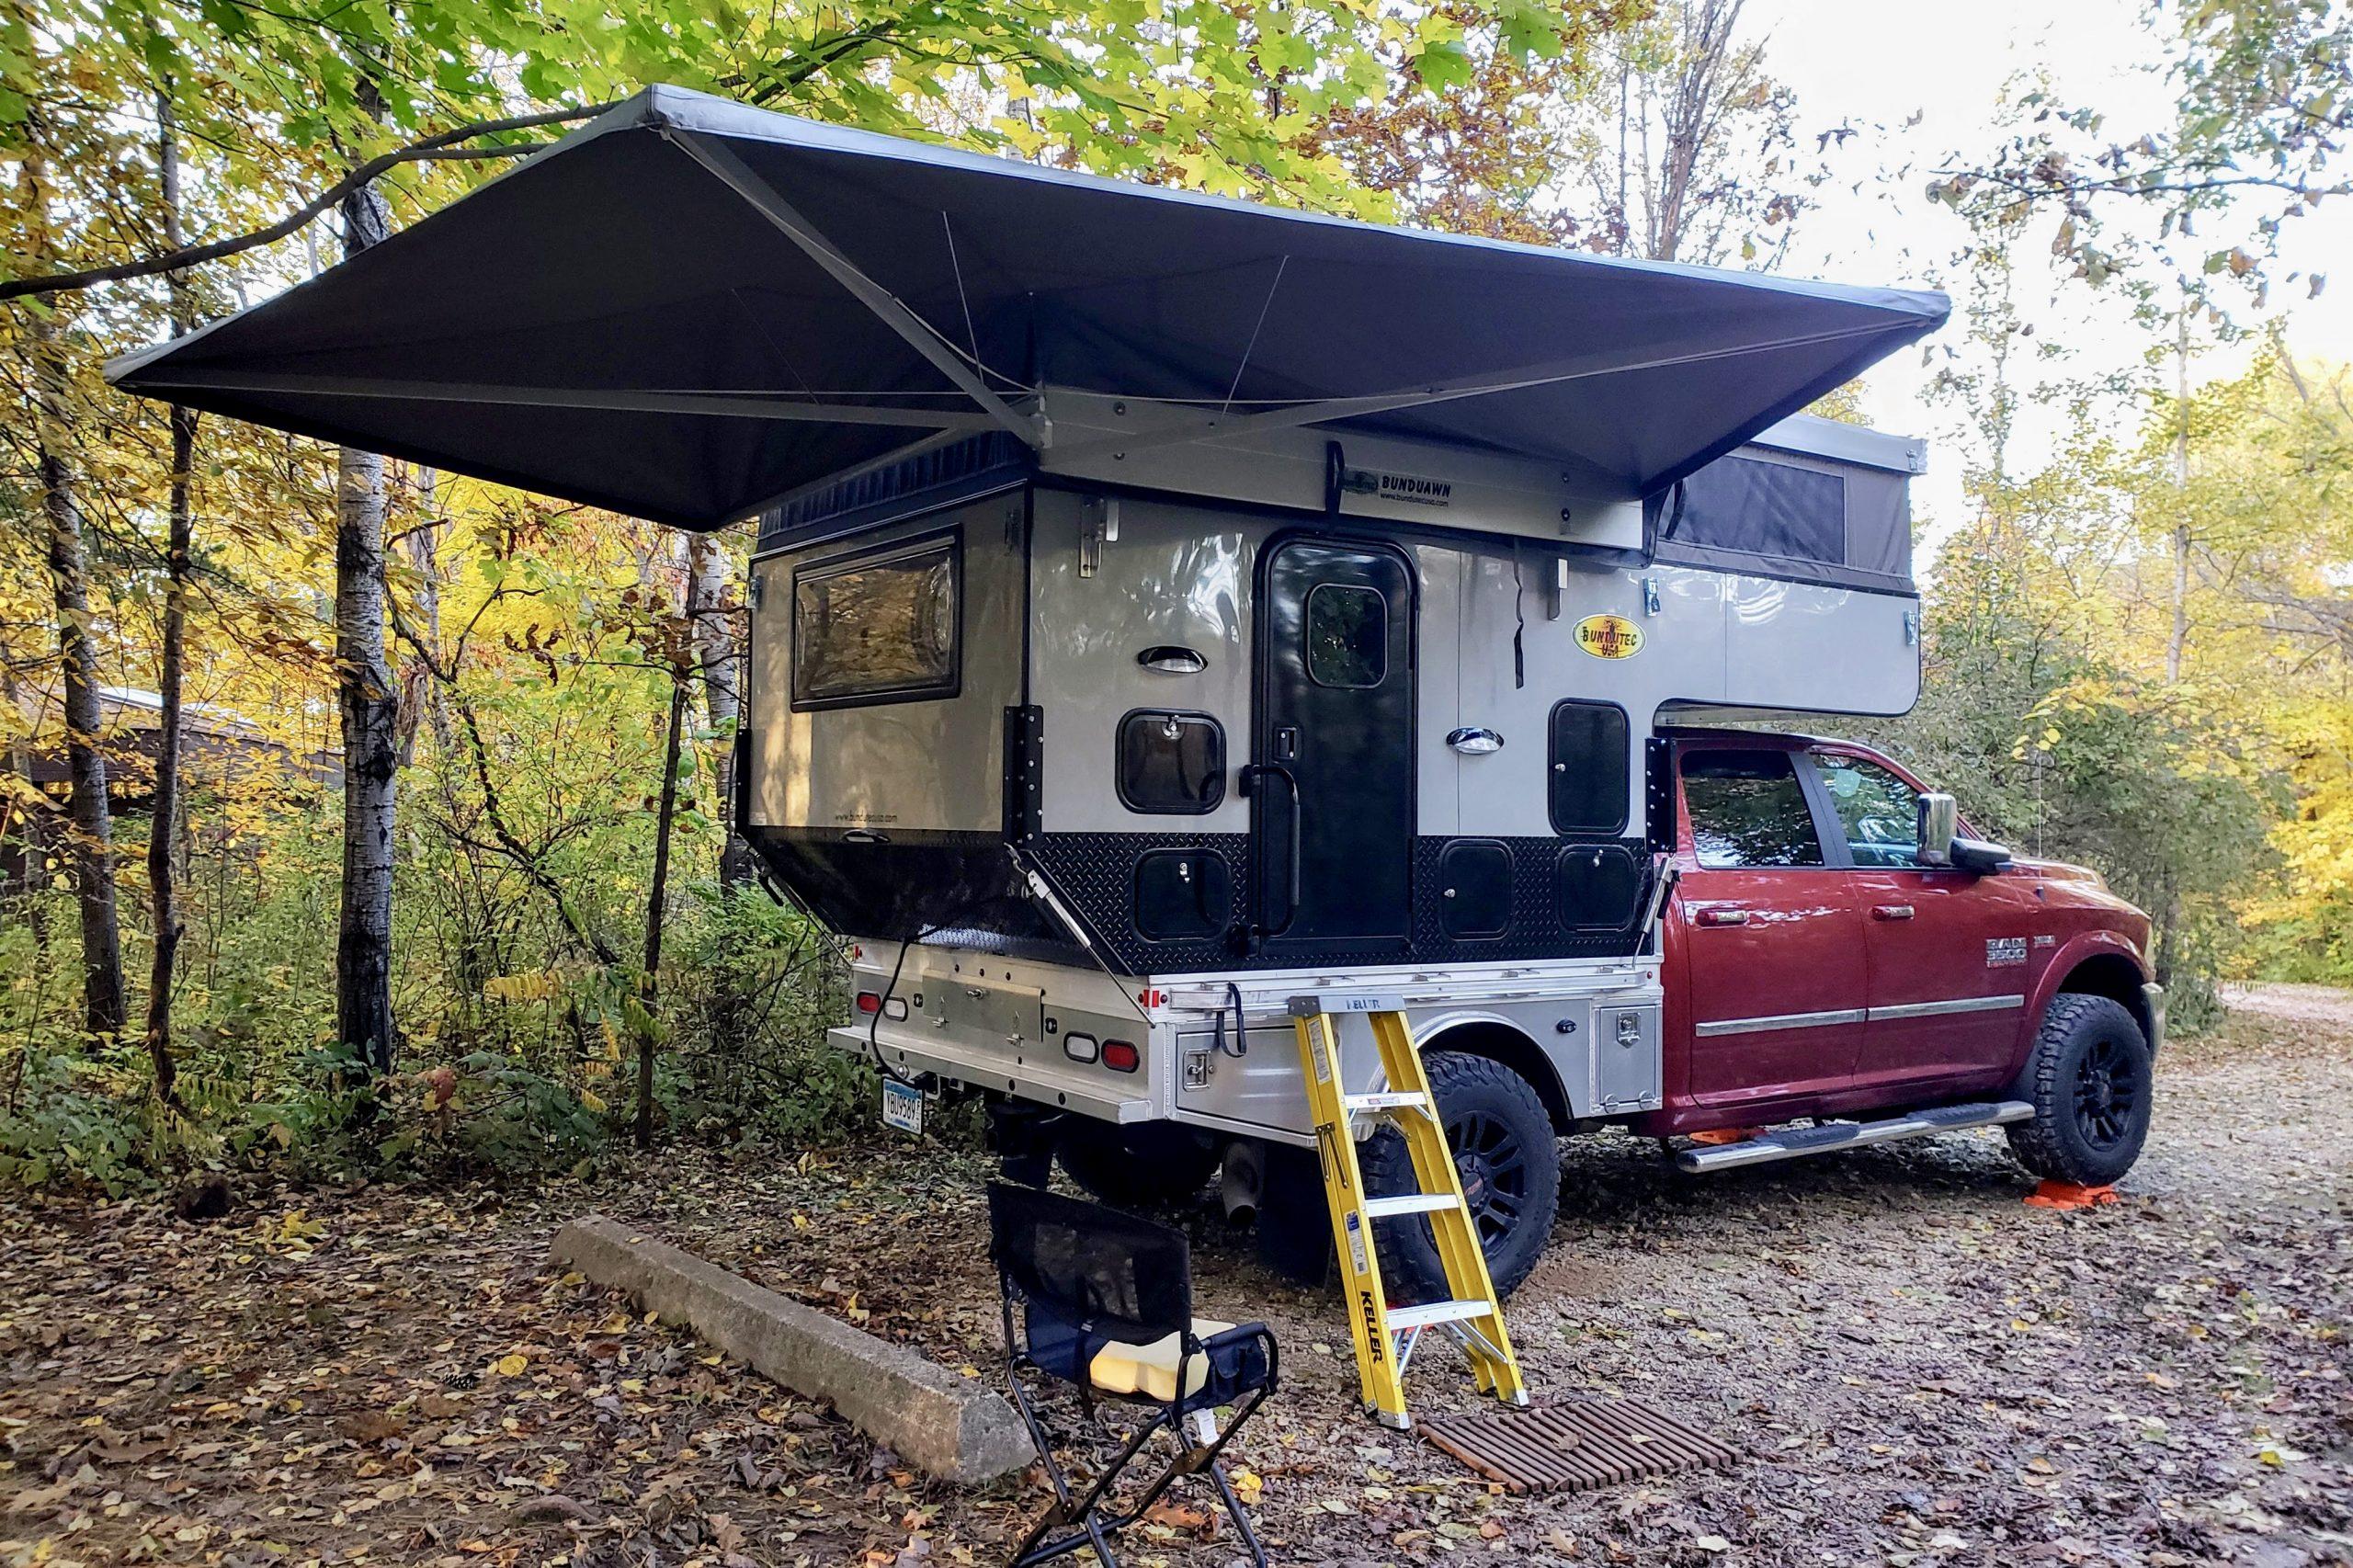 Review Of The Bundutec Odyssey Flatbed Truck Camper Truck Camper Adventure